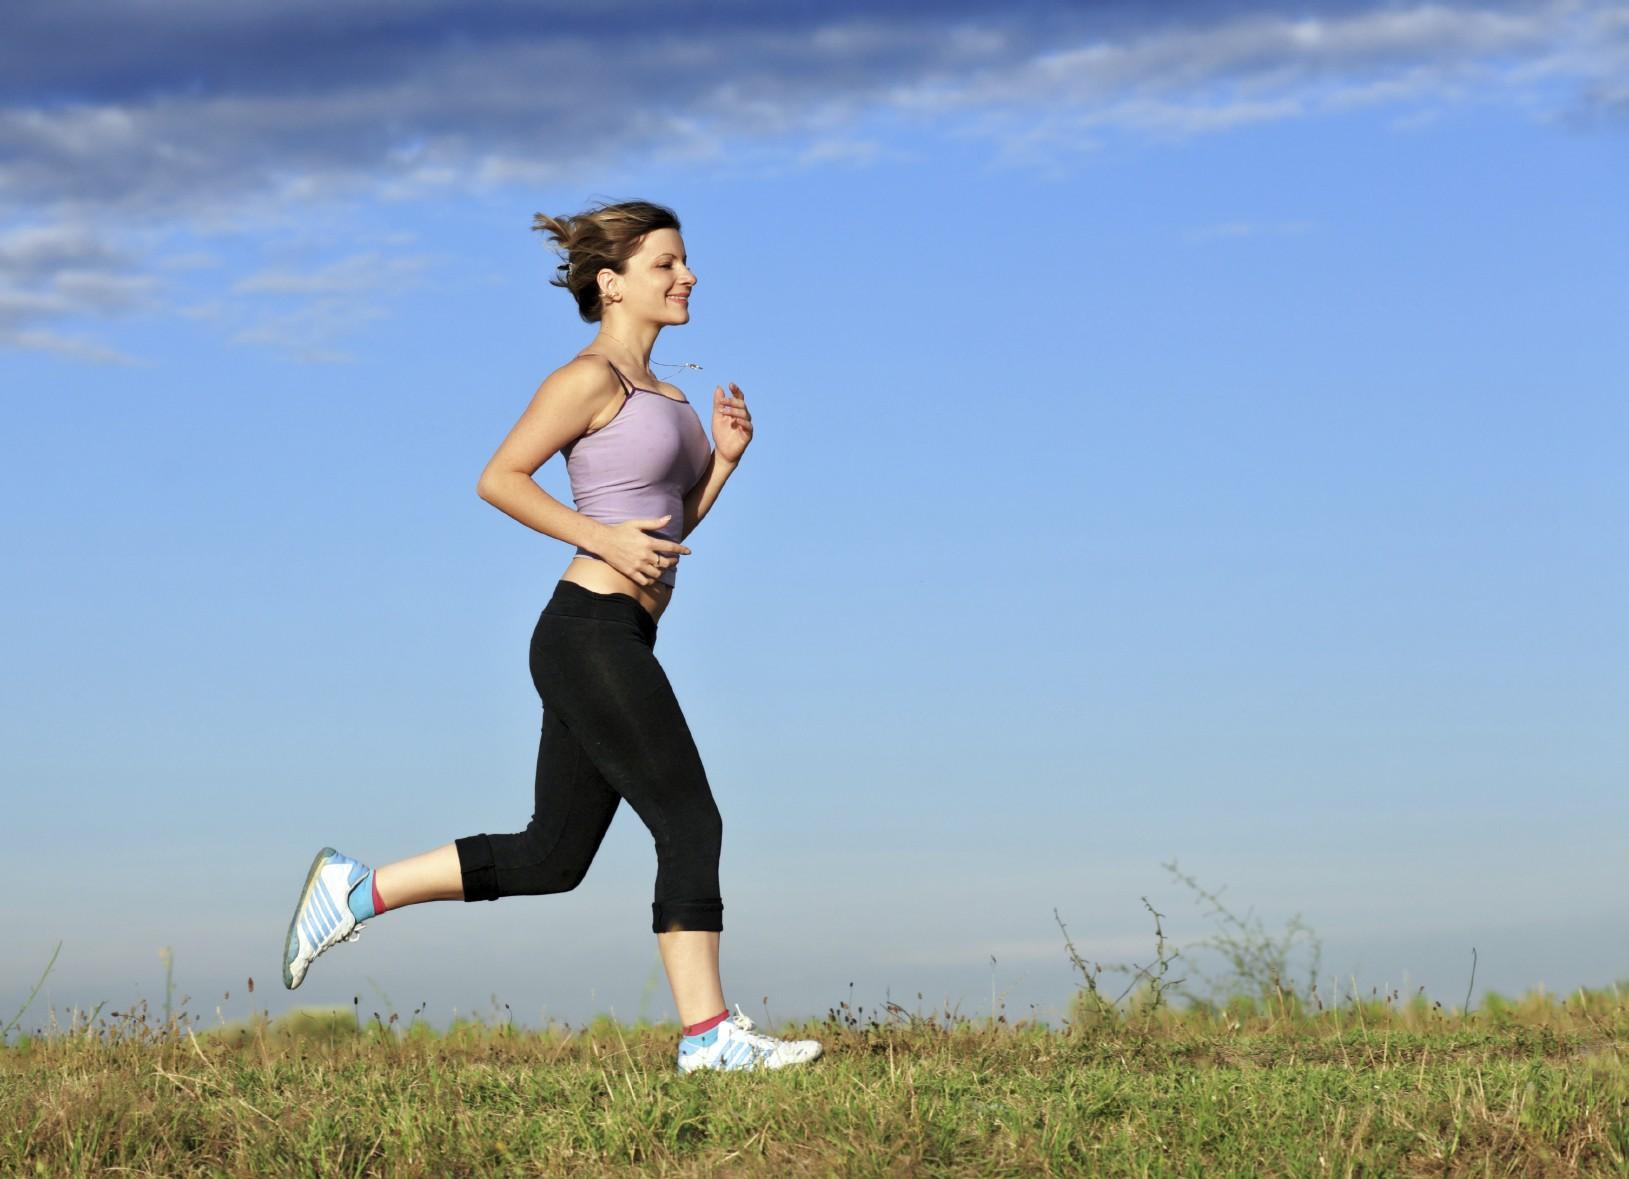 kocogás és magas vérnyomás hogyan lehet meghatározni a magas vérnyomás kockázatának mértékét